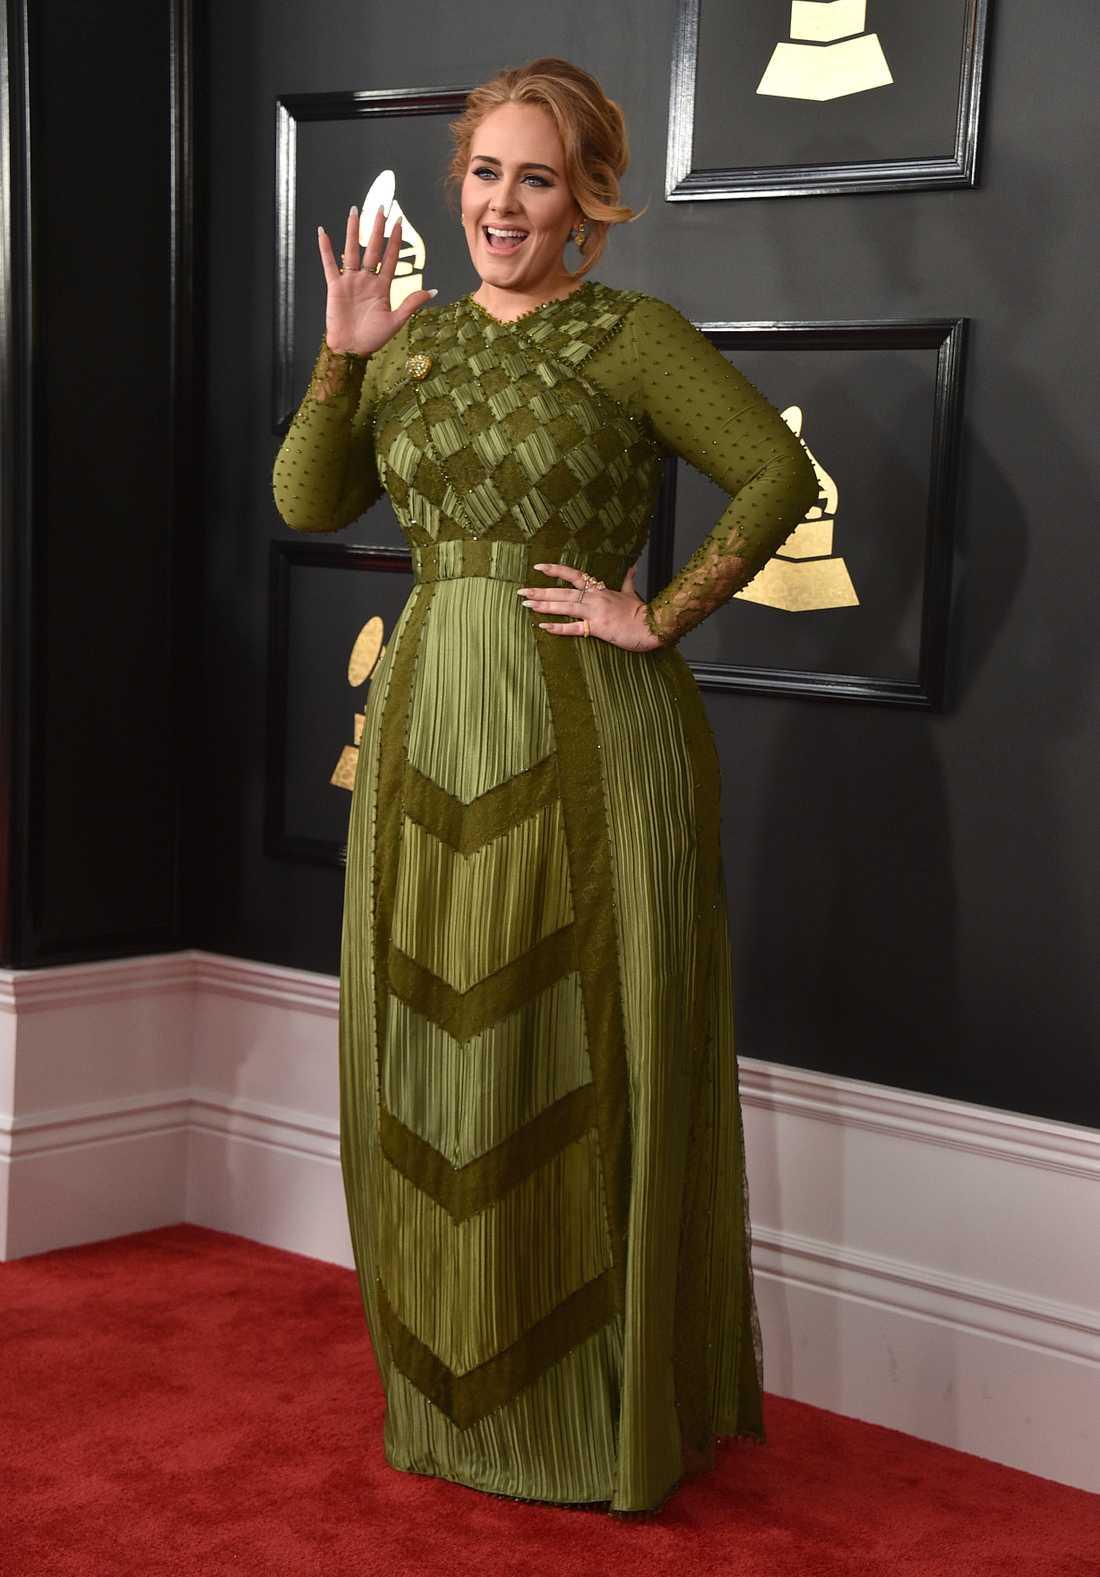 """Årets popalbum 2016 stod Adele för, enligt Grammyjuryn. Max Martin och Shellback har jobbat med hennes """"25""""."""